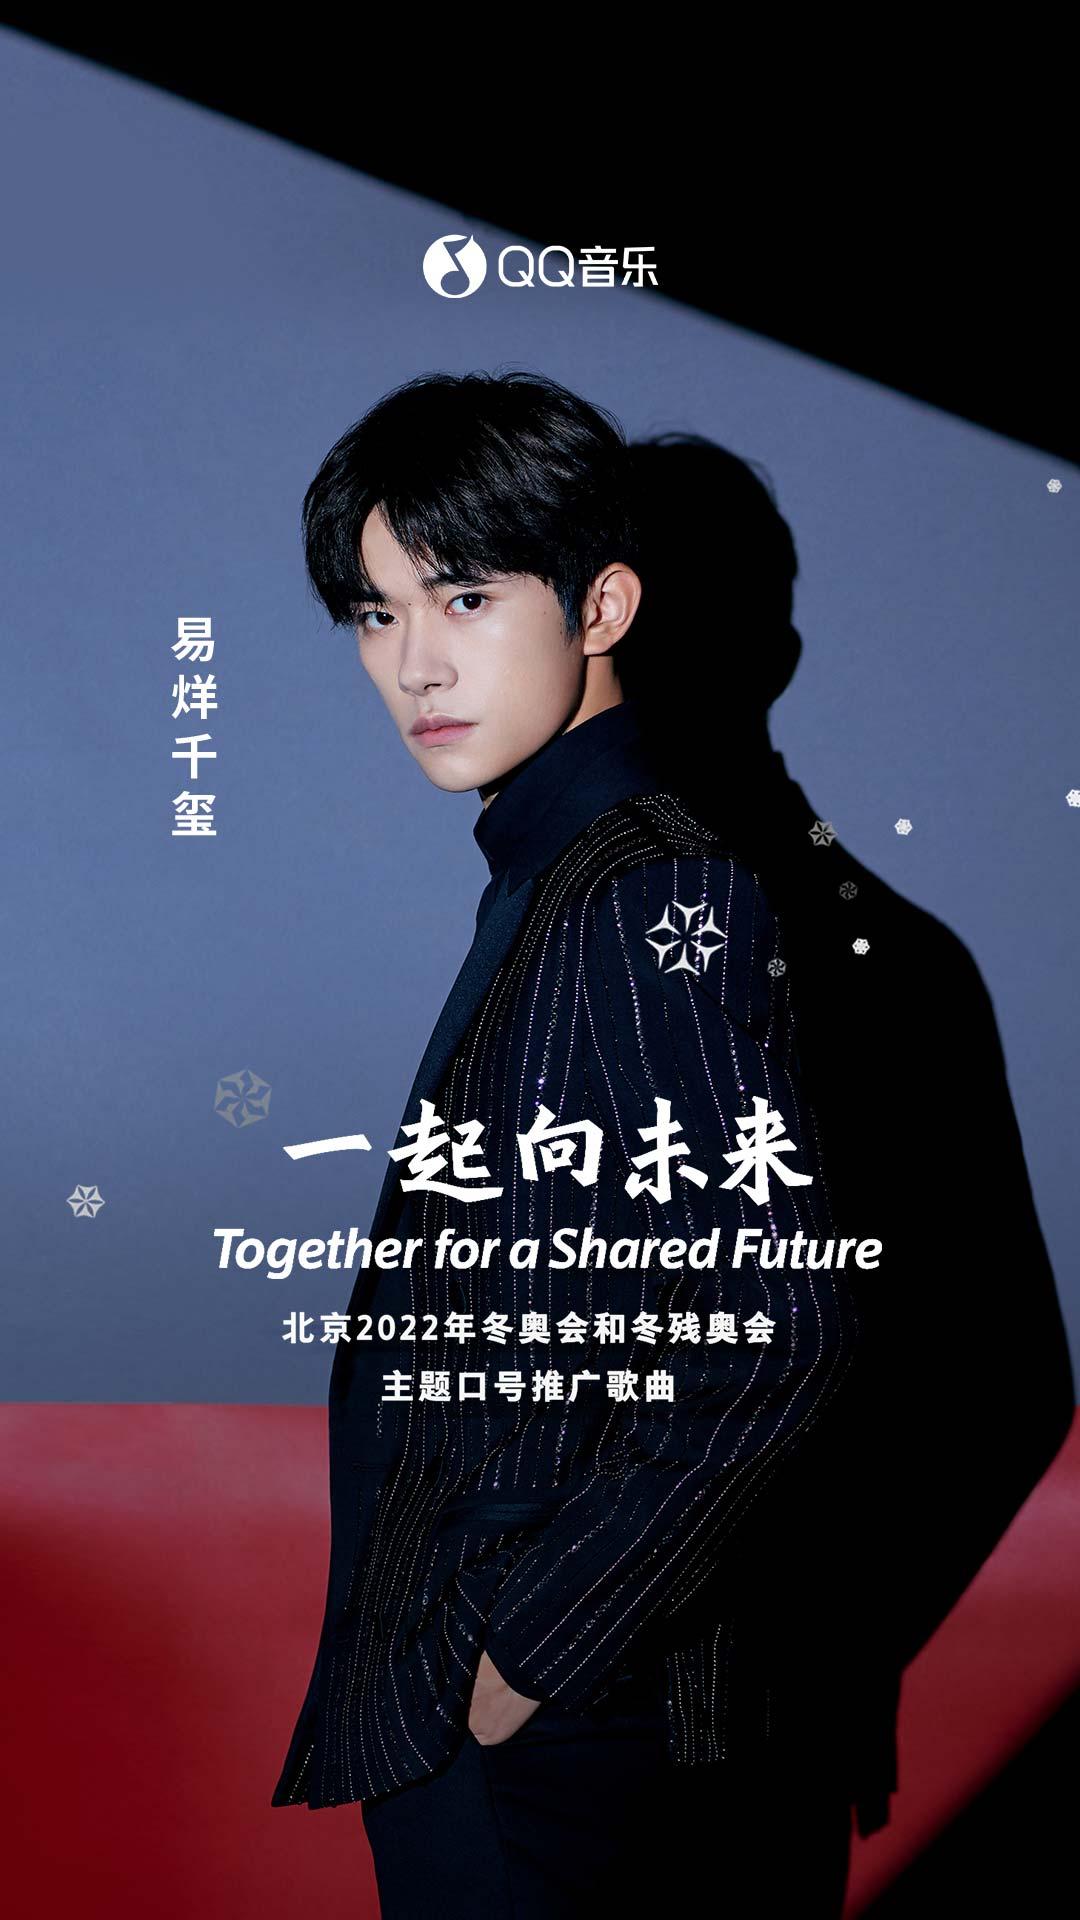 易烊千玺以歌助威北京冬奥,单曲《一起向未来》上线QQ音乐